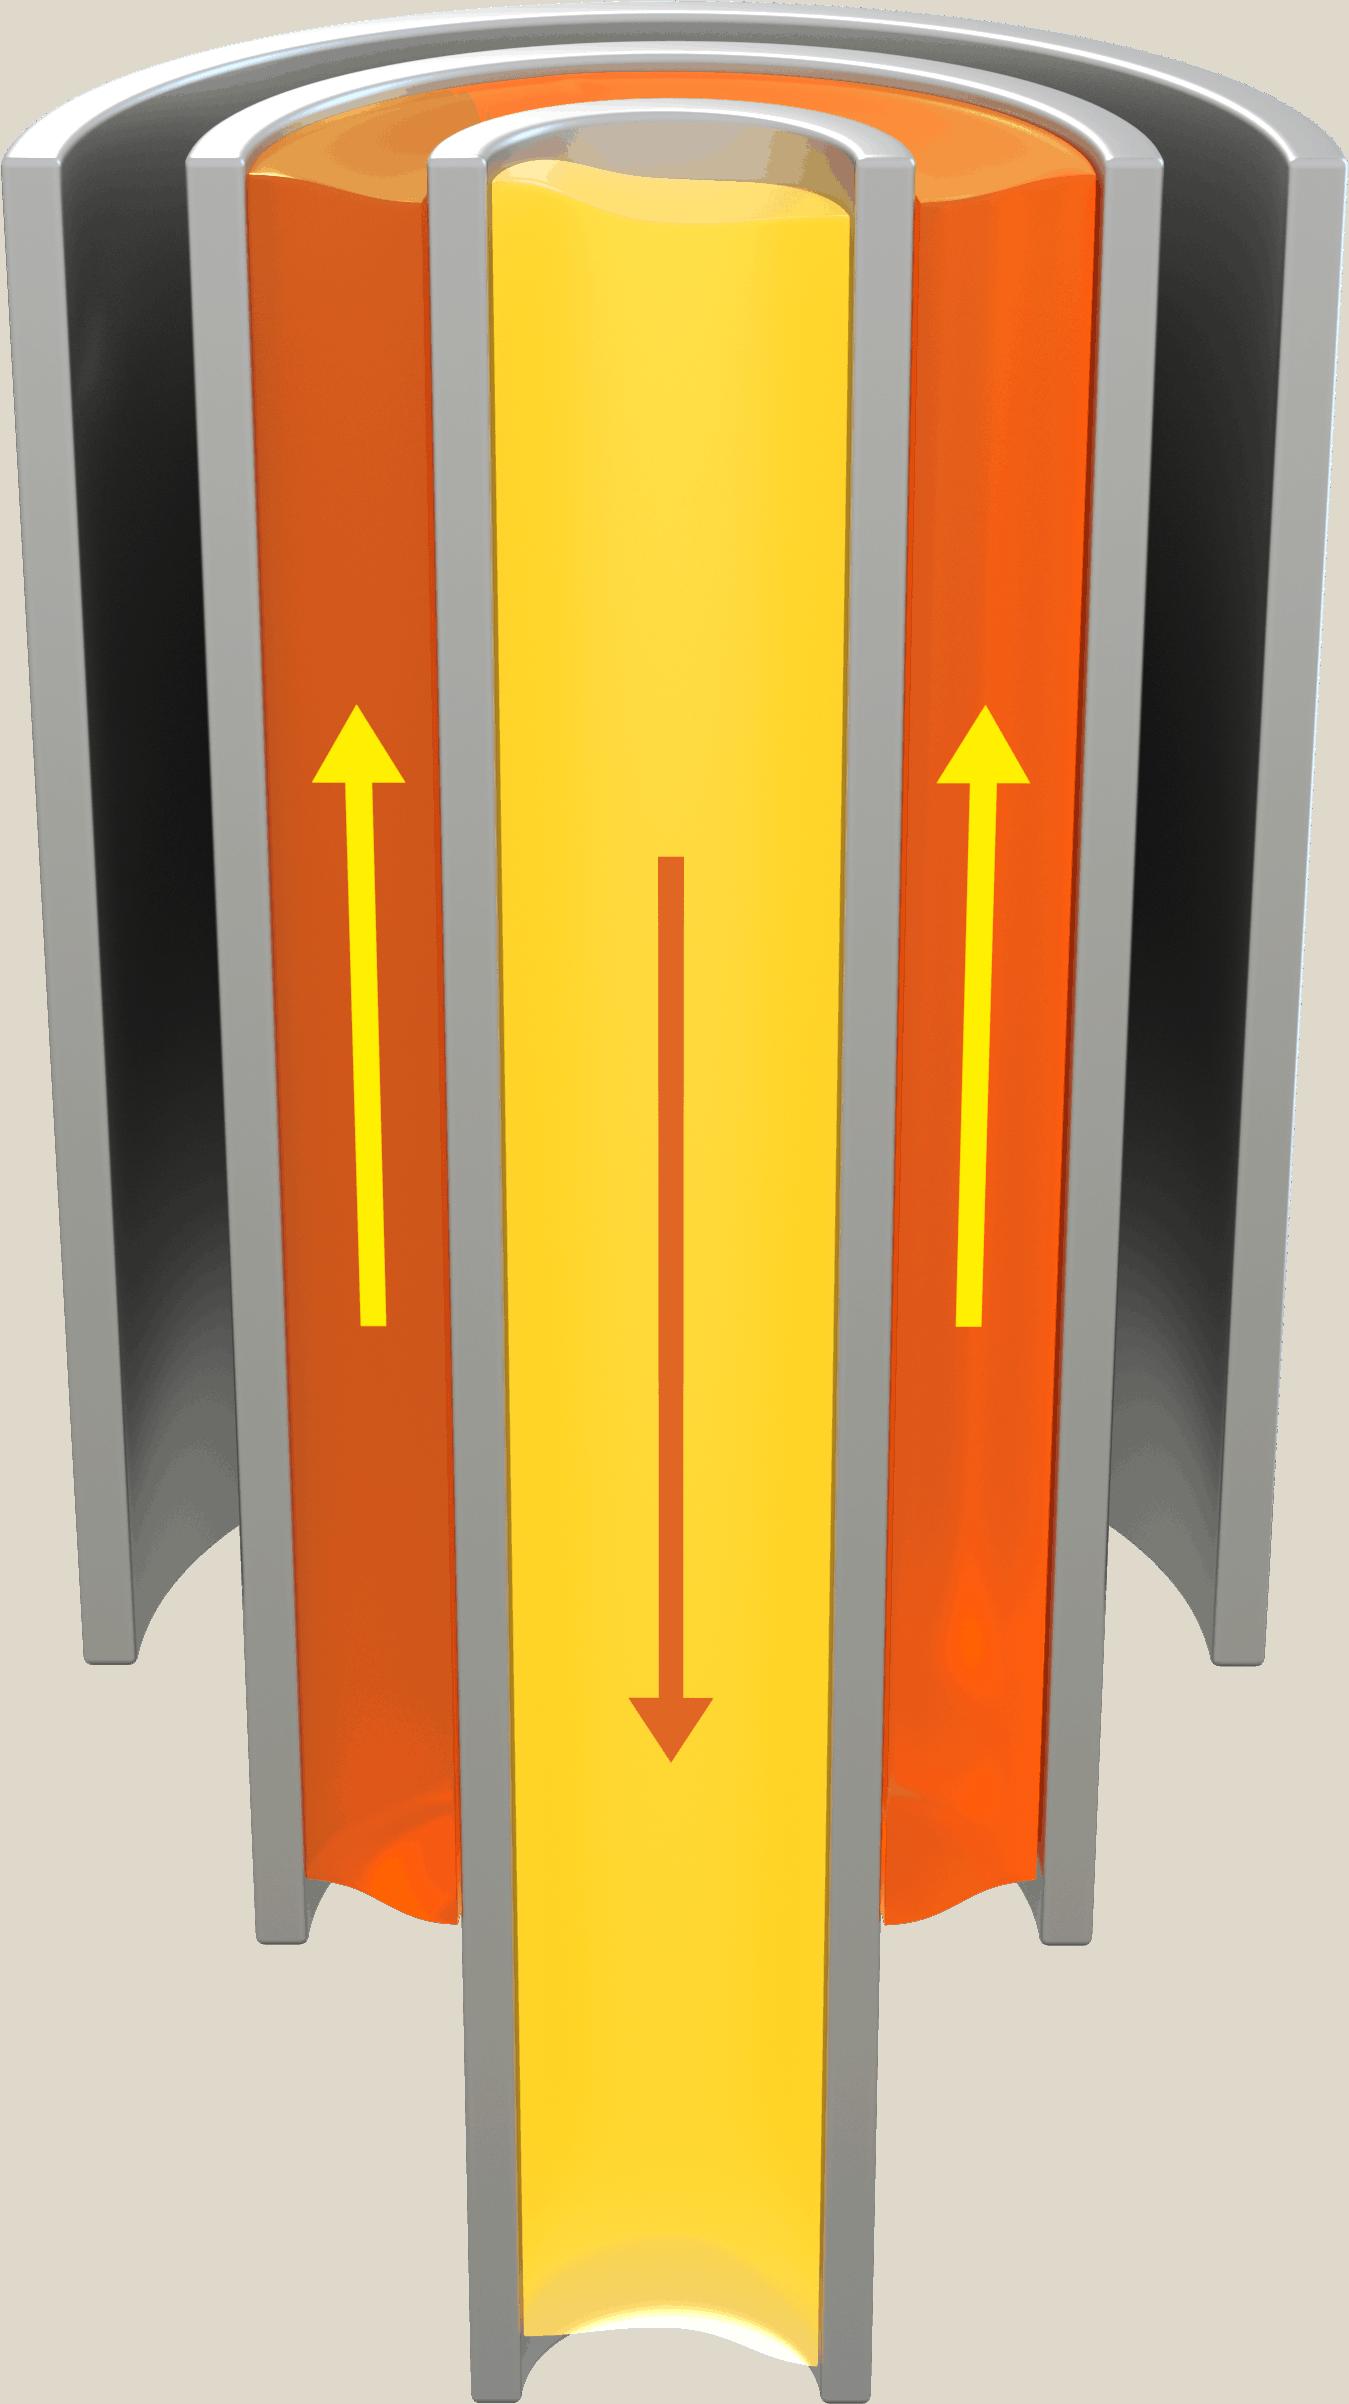 4 Hydraulics